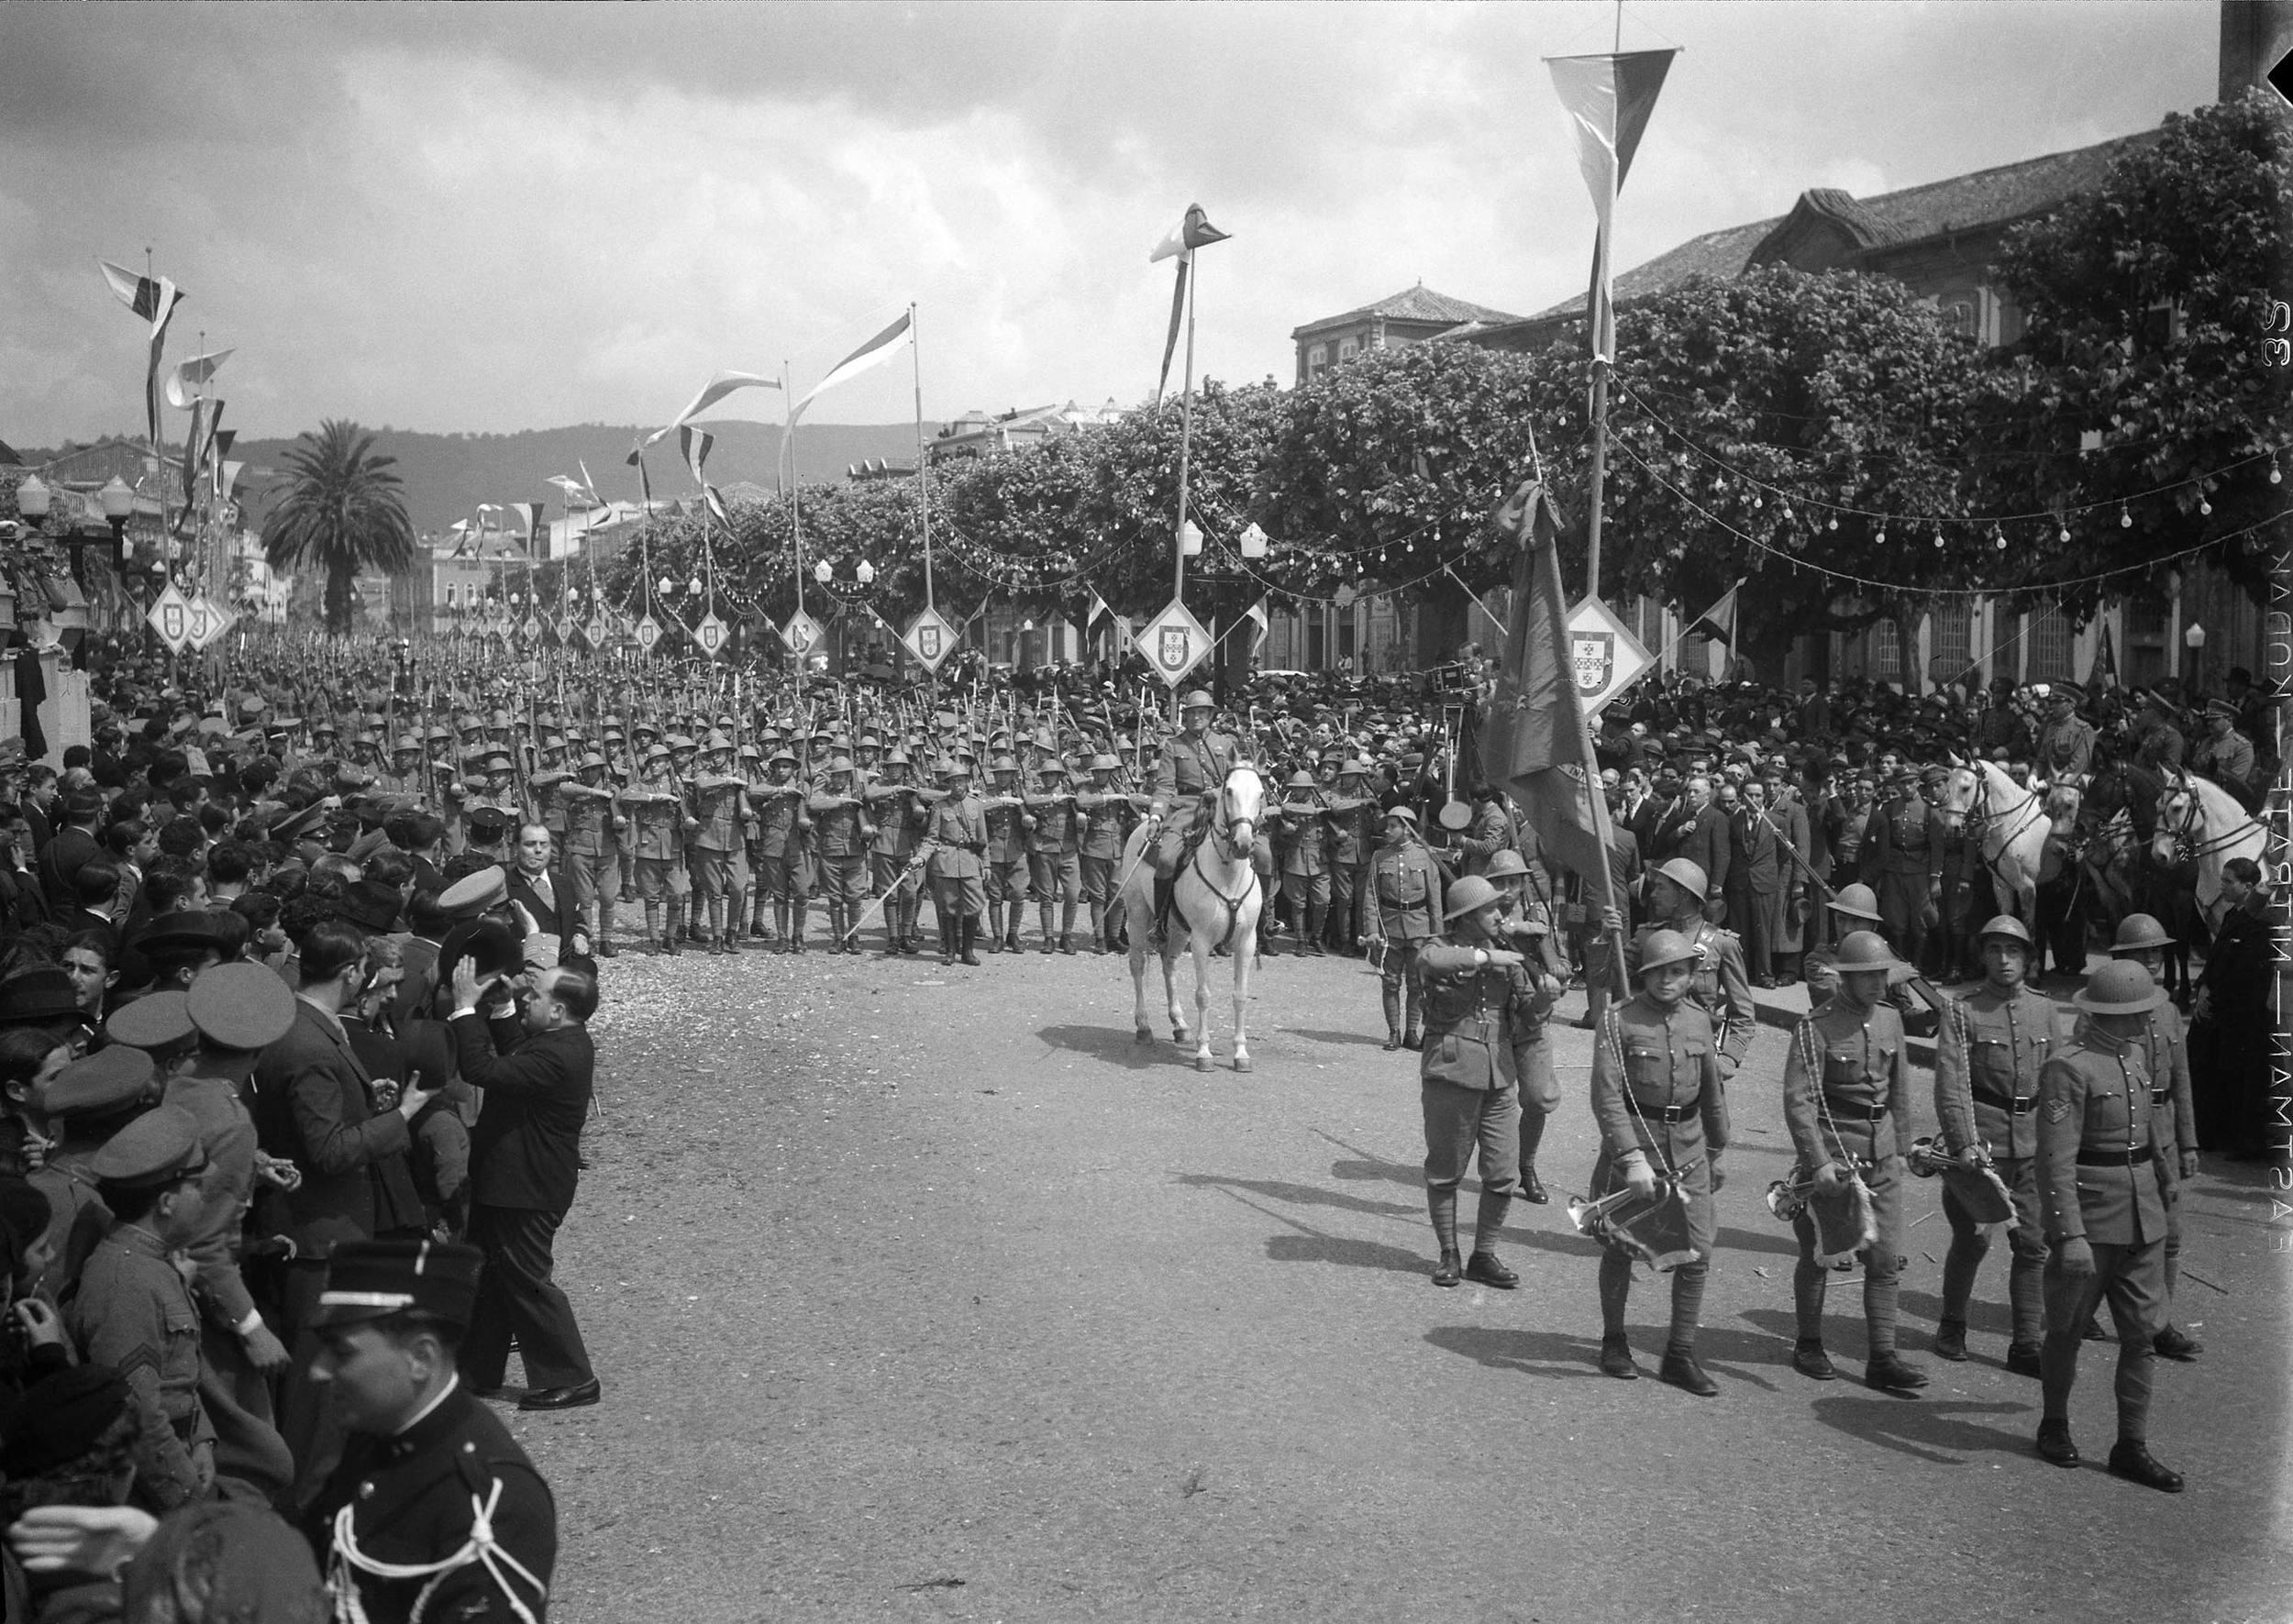 Commemoration of the 10th Anniversary of the May 28, 1926 National Revolution, Braga, 1936.  Photo: Horácio Novais, 1936,Braga  Biblioteca de Arte da Fundação Calouste Gulbenkian   [CFT164_102112]